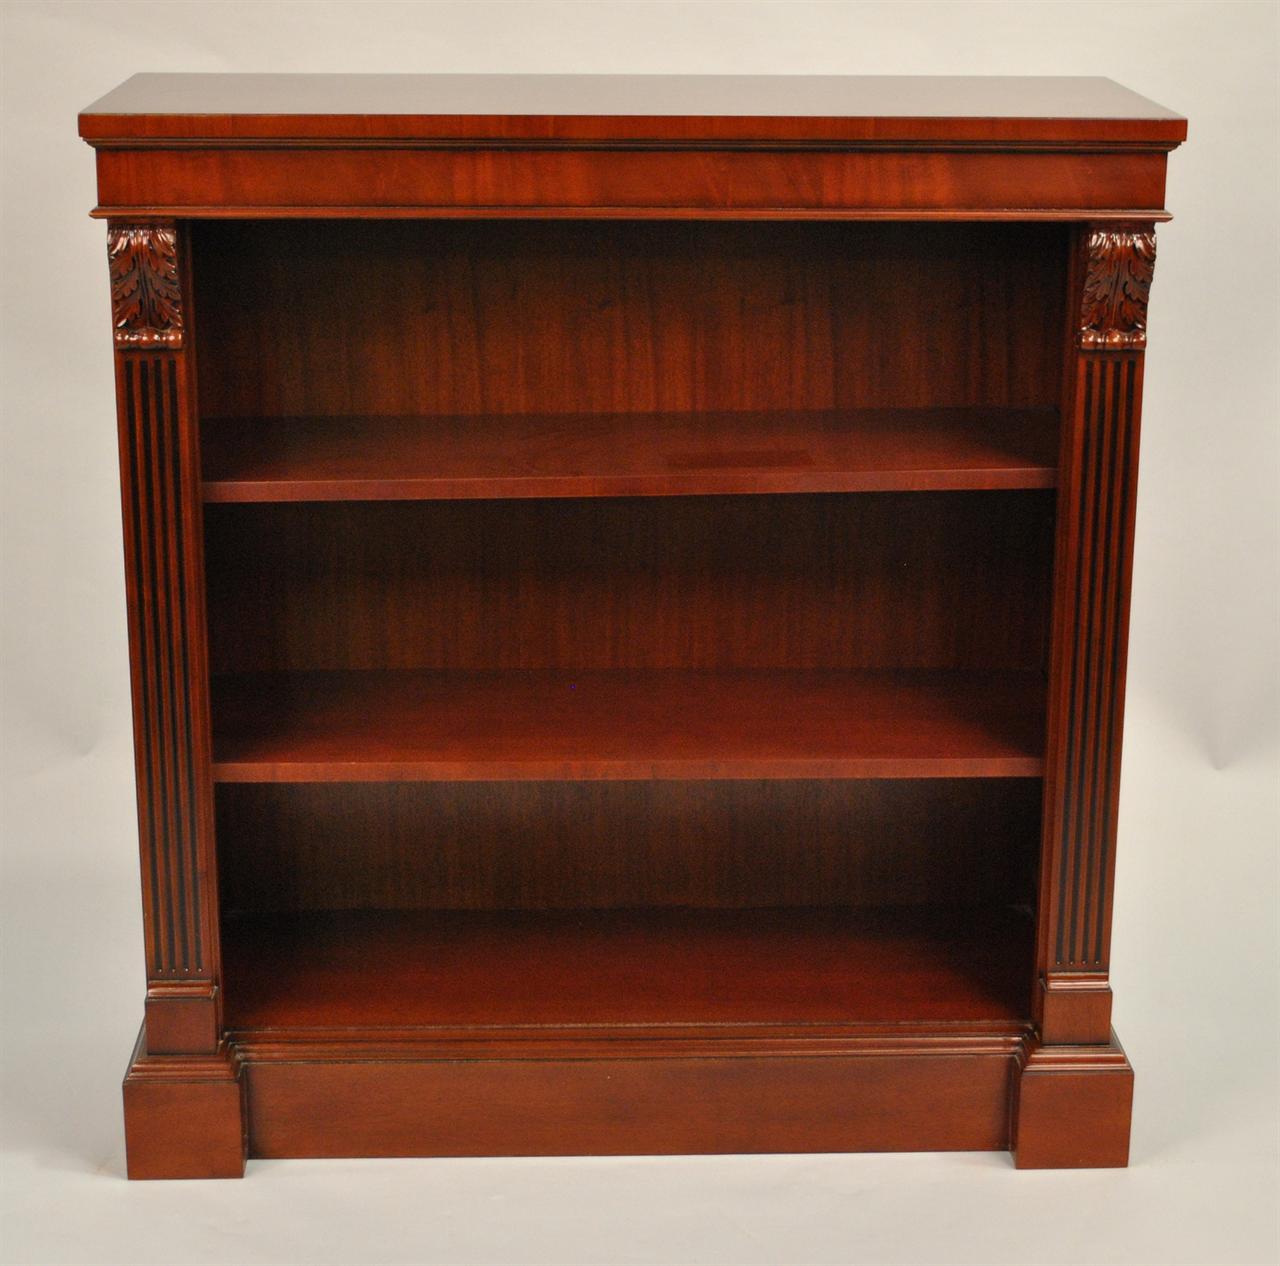 Penhurst Bookcase Mahogany Bookcase Tradtional Furniture